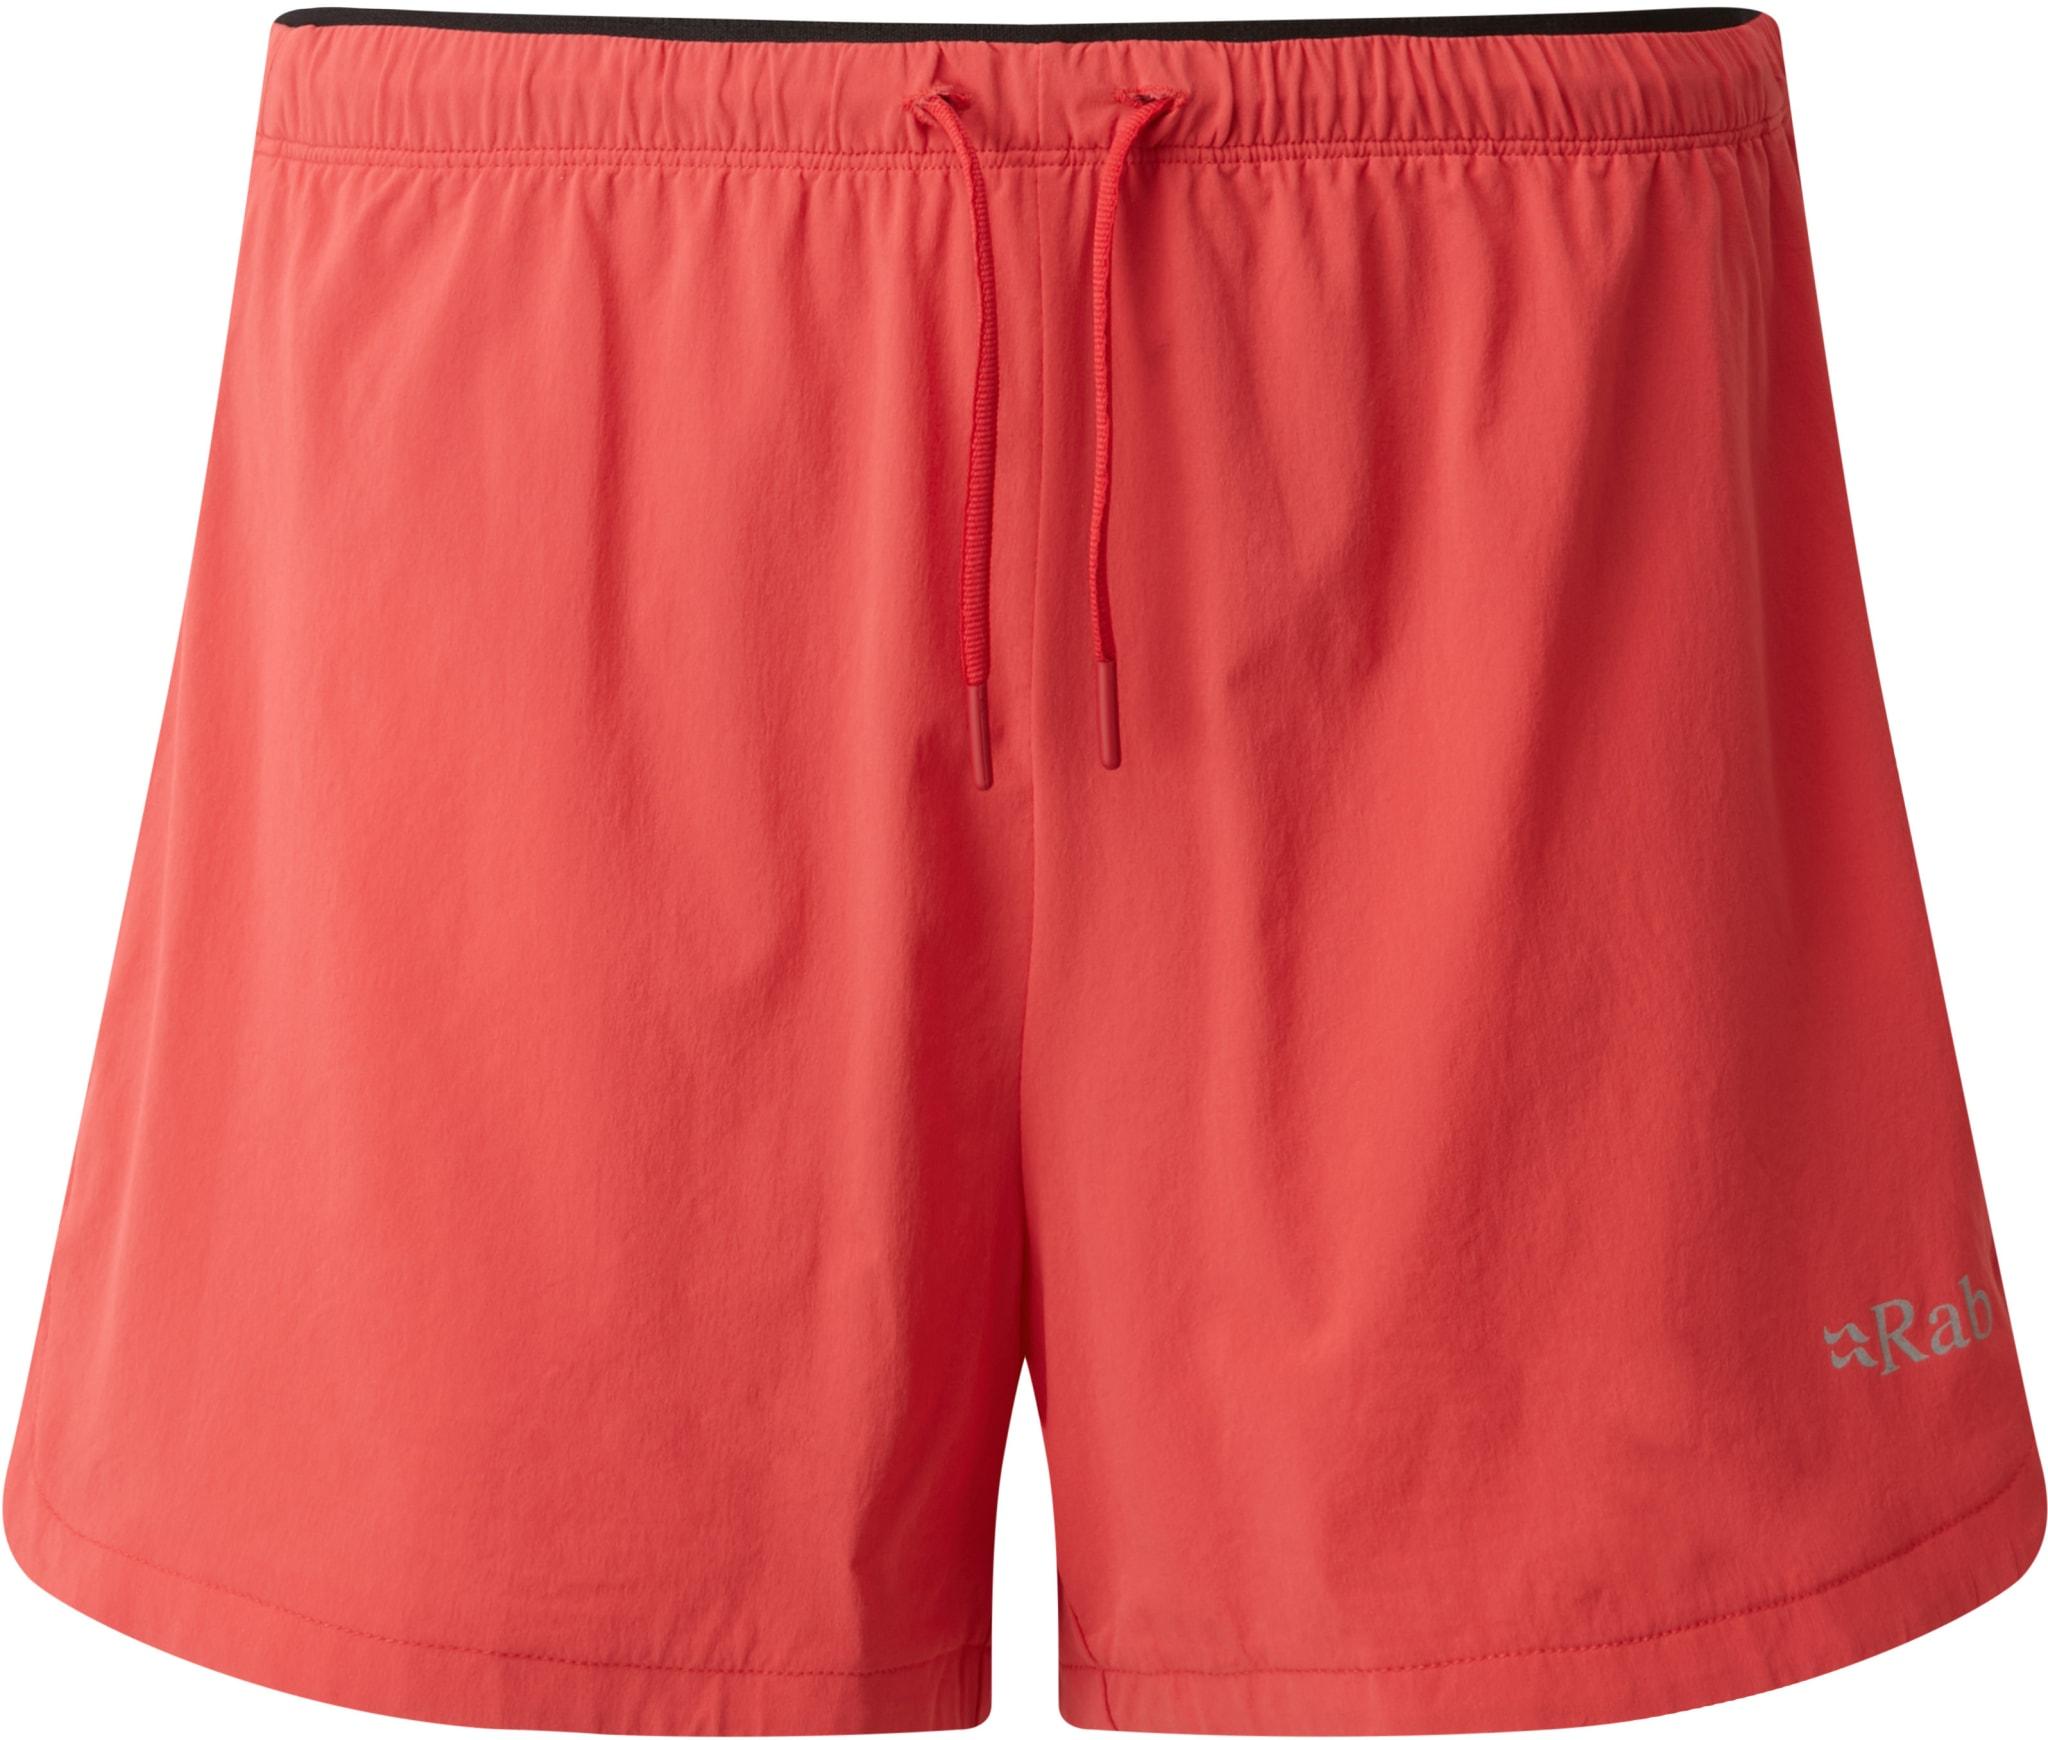 Lett shorts til løping på fjellet eller i skogen